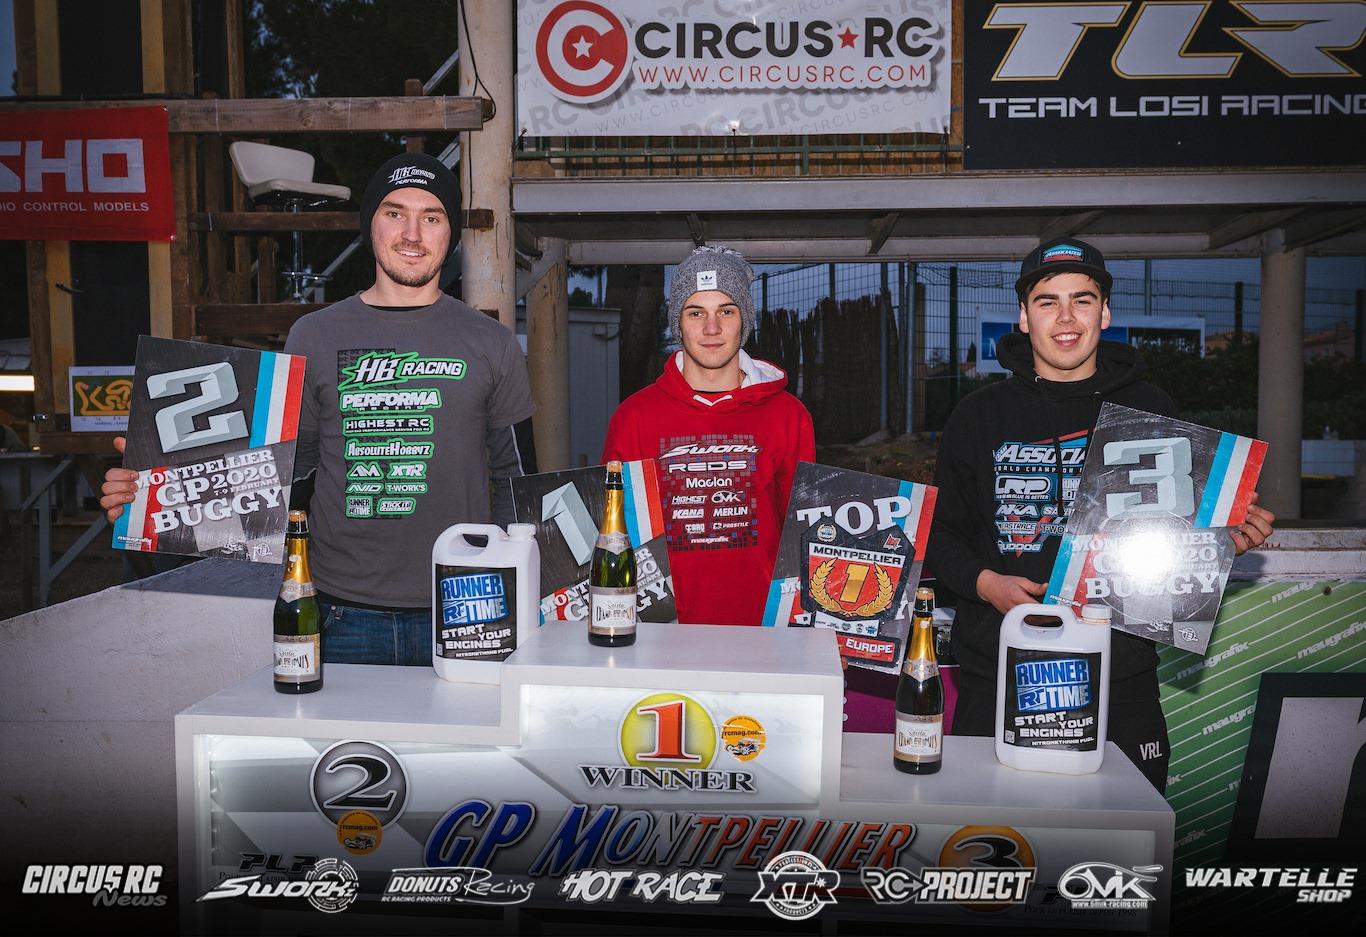 Juan Carlos Canas gana el GP de Montpellier y lidera el Masters of Europe